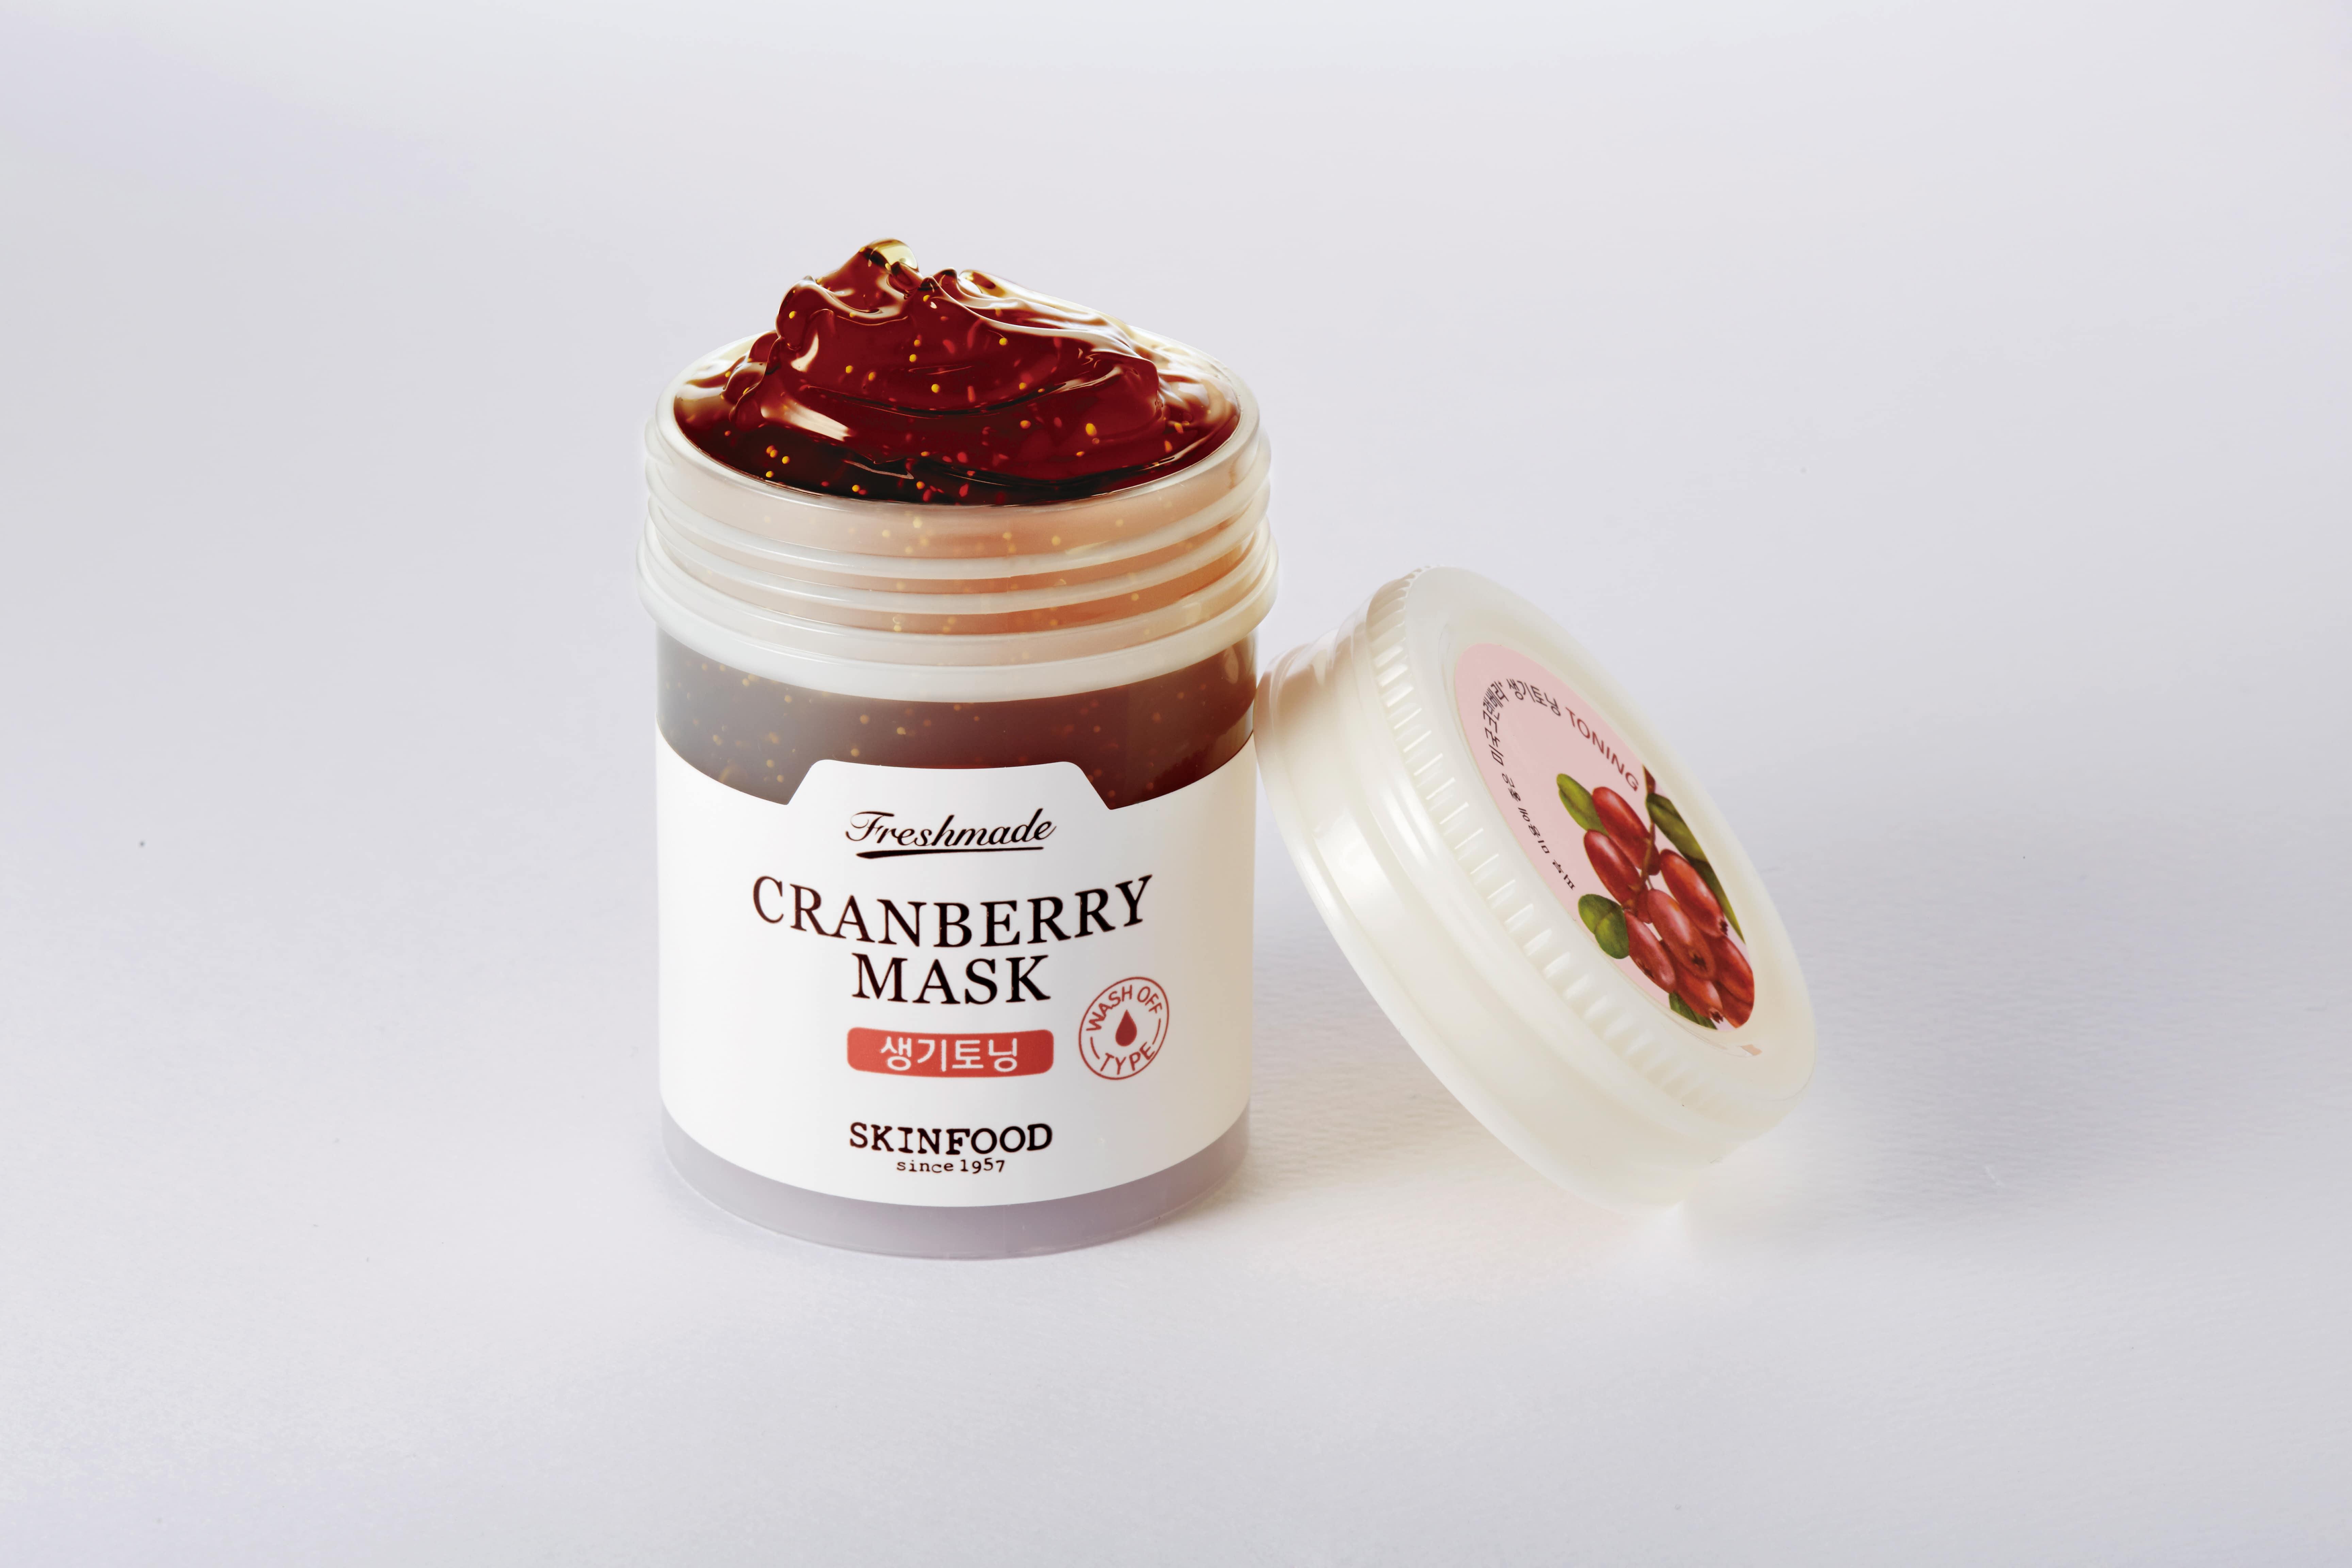 Skinfood: maschera al mirtillo rosso rivitalizzante